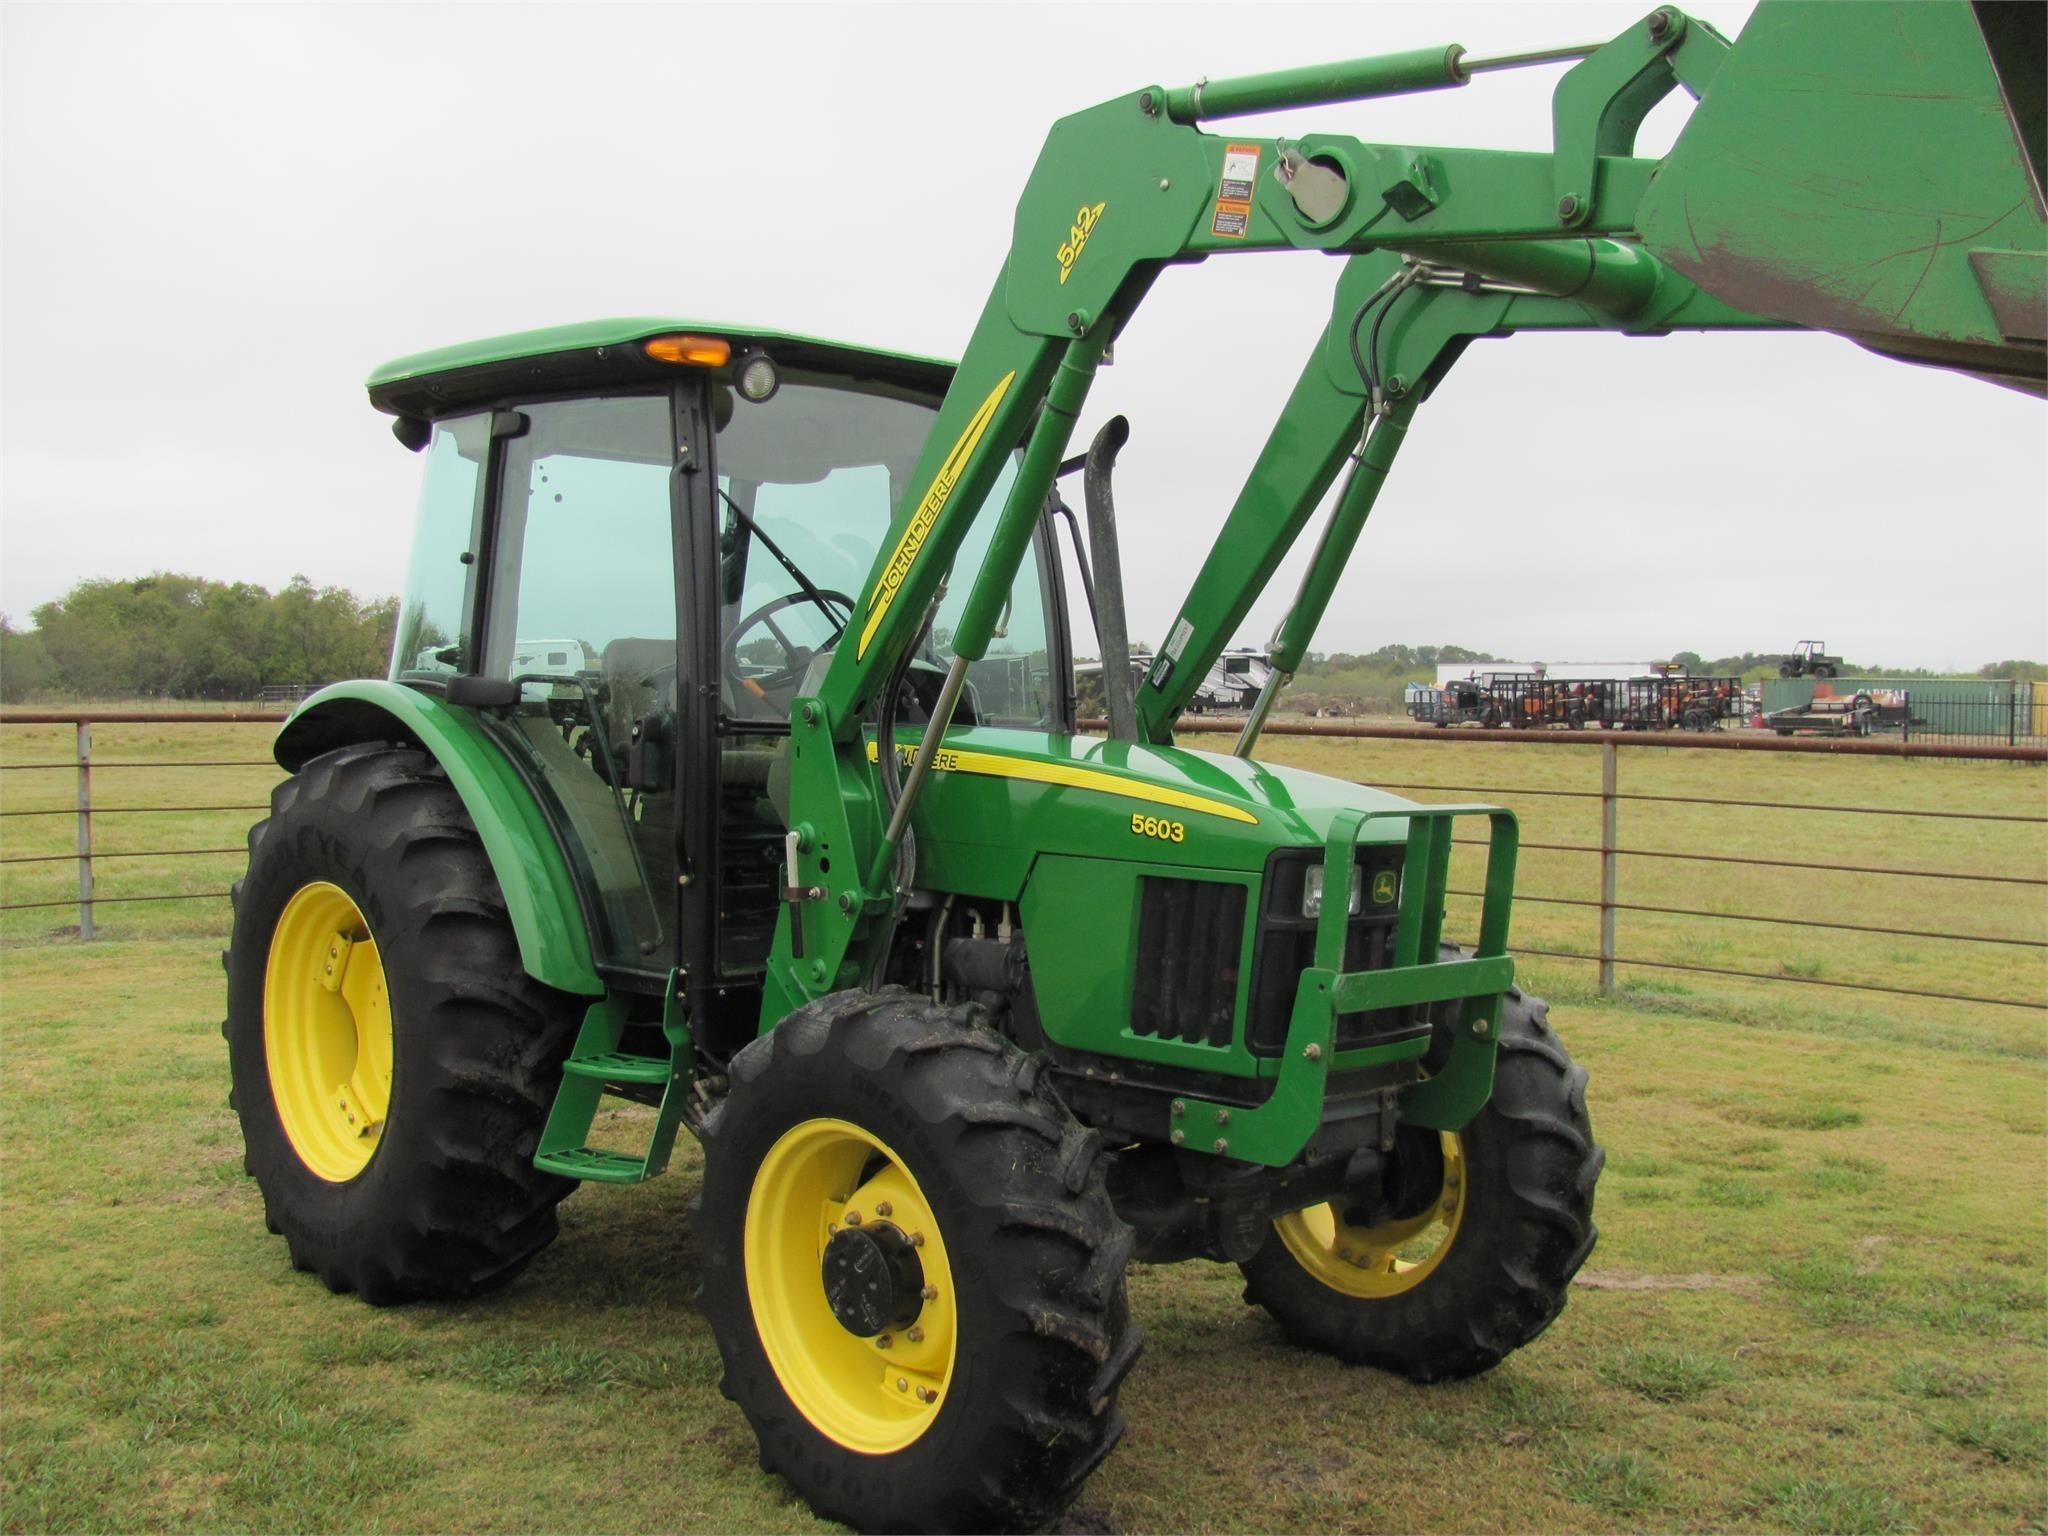 2009 John Deere 5603 Tractor